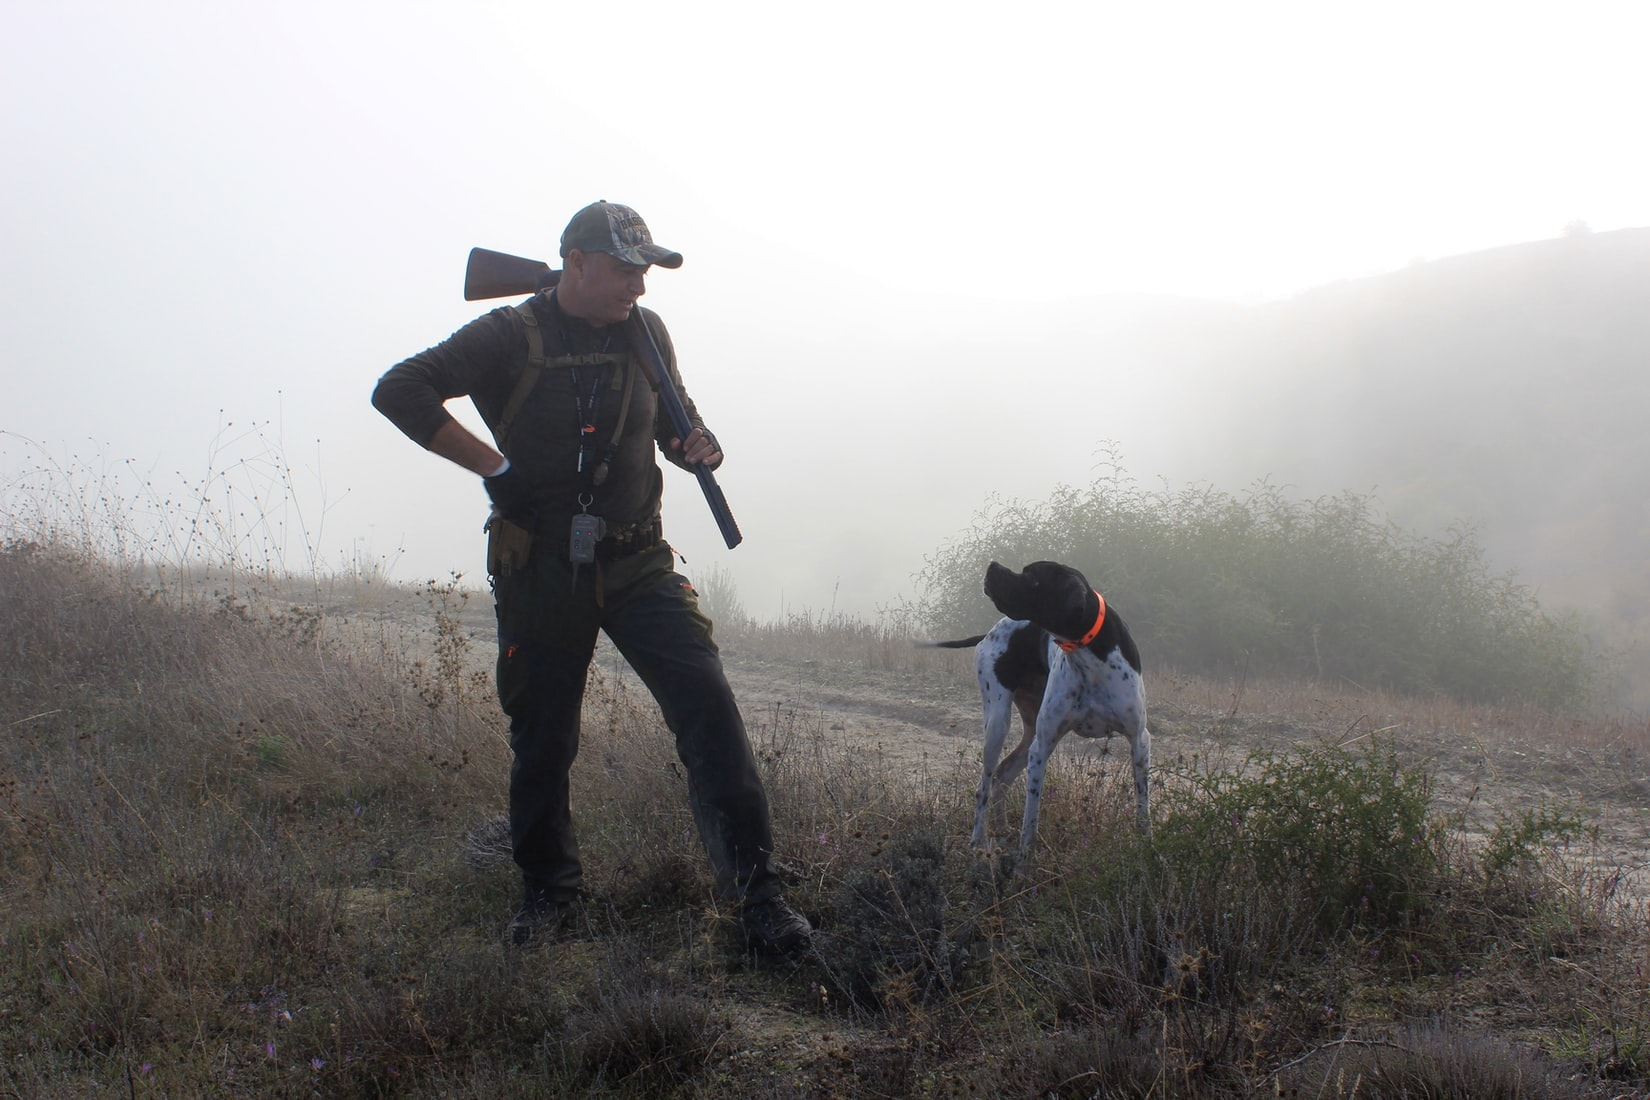 chasseur et son chien